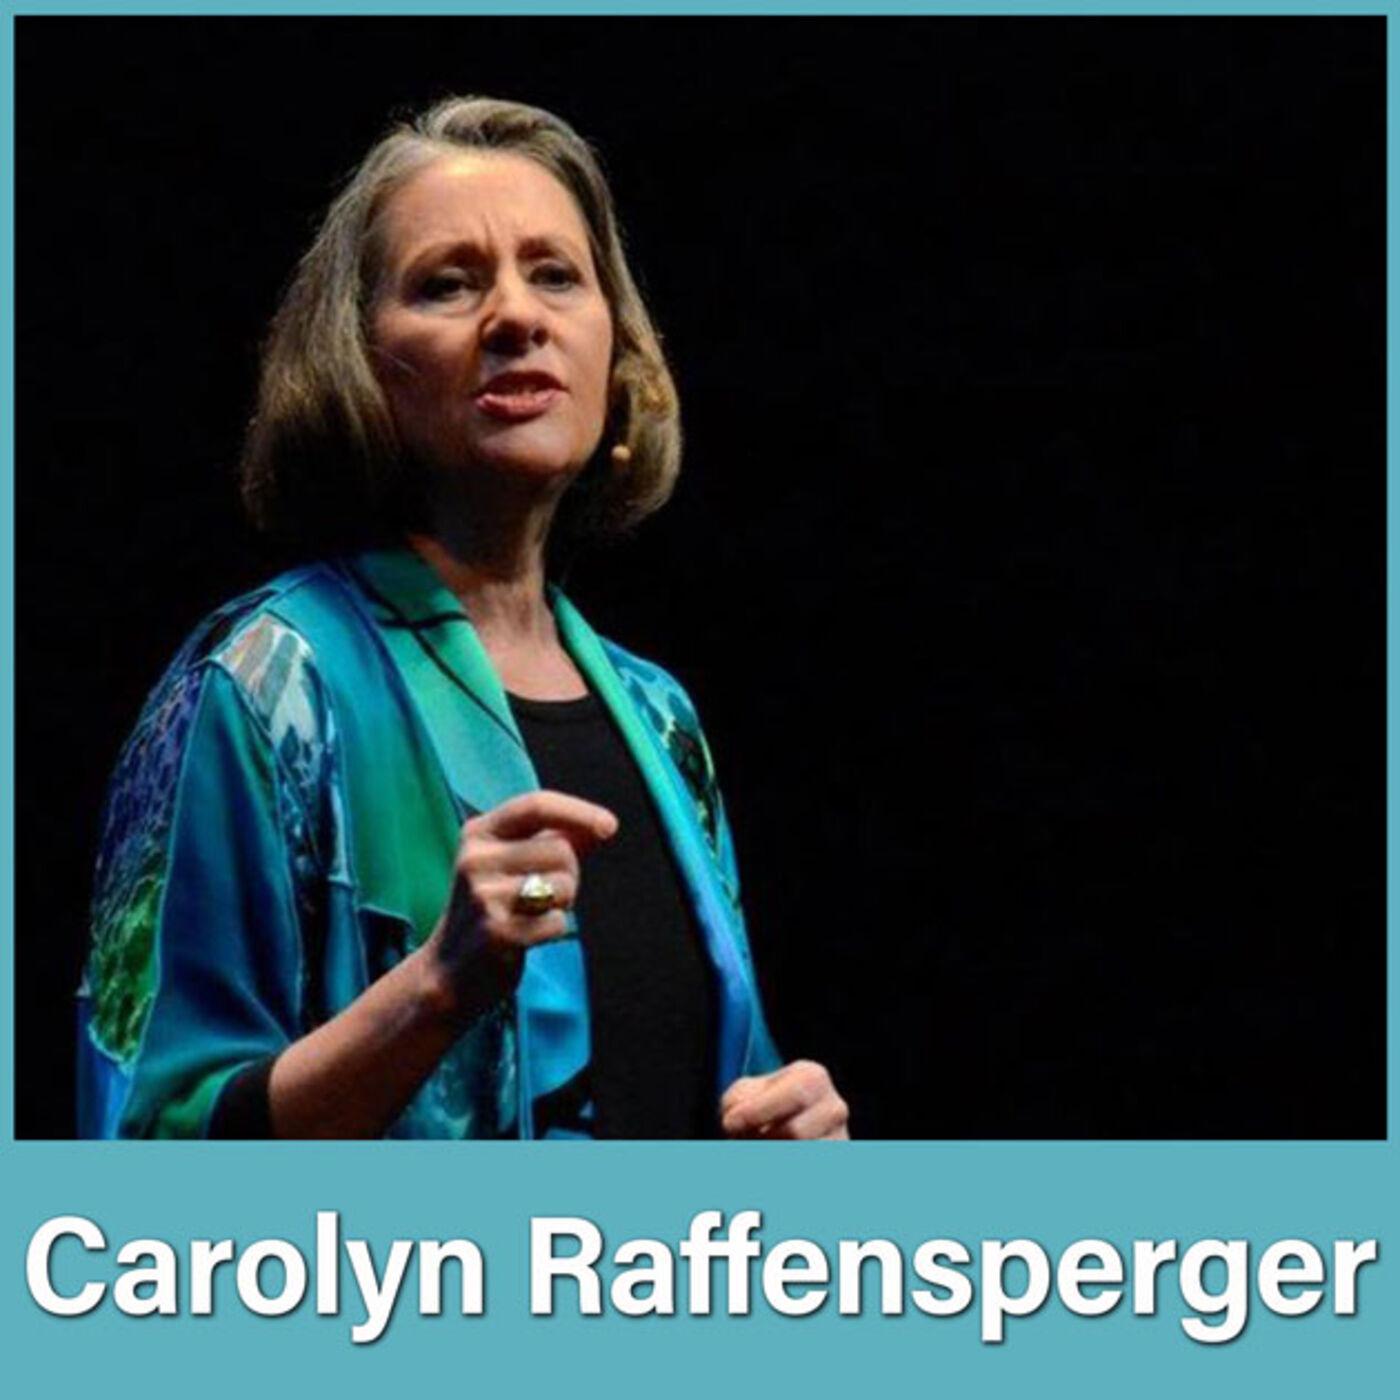 #9 Carolyn Raffensperger